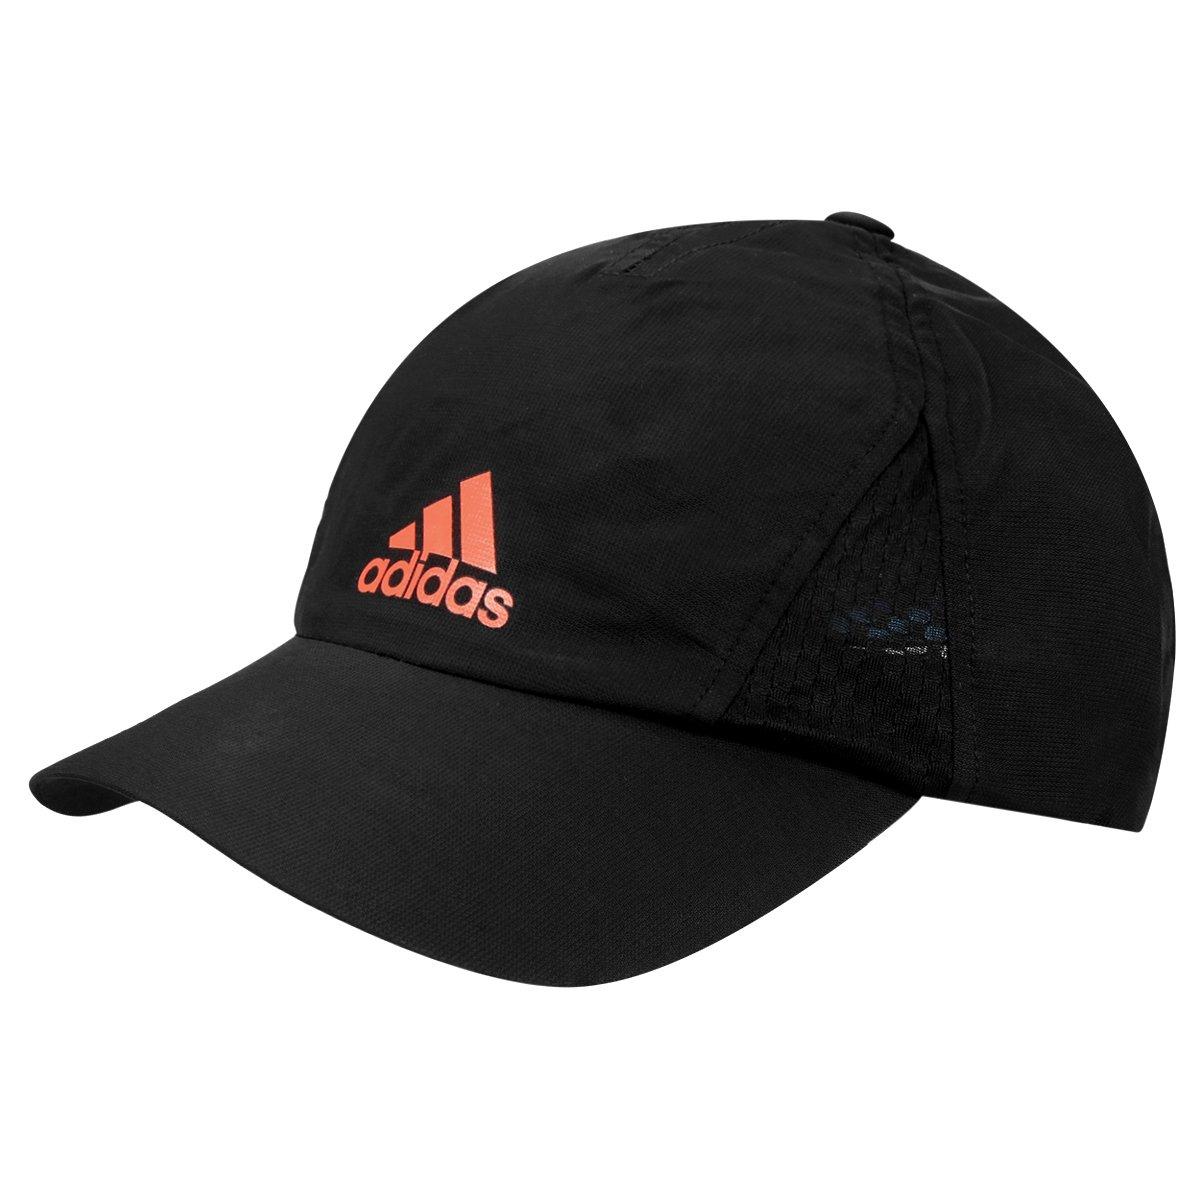 200892b3b4714 Boné Adidas Climacool 6P - Compre Agora